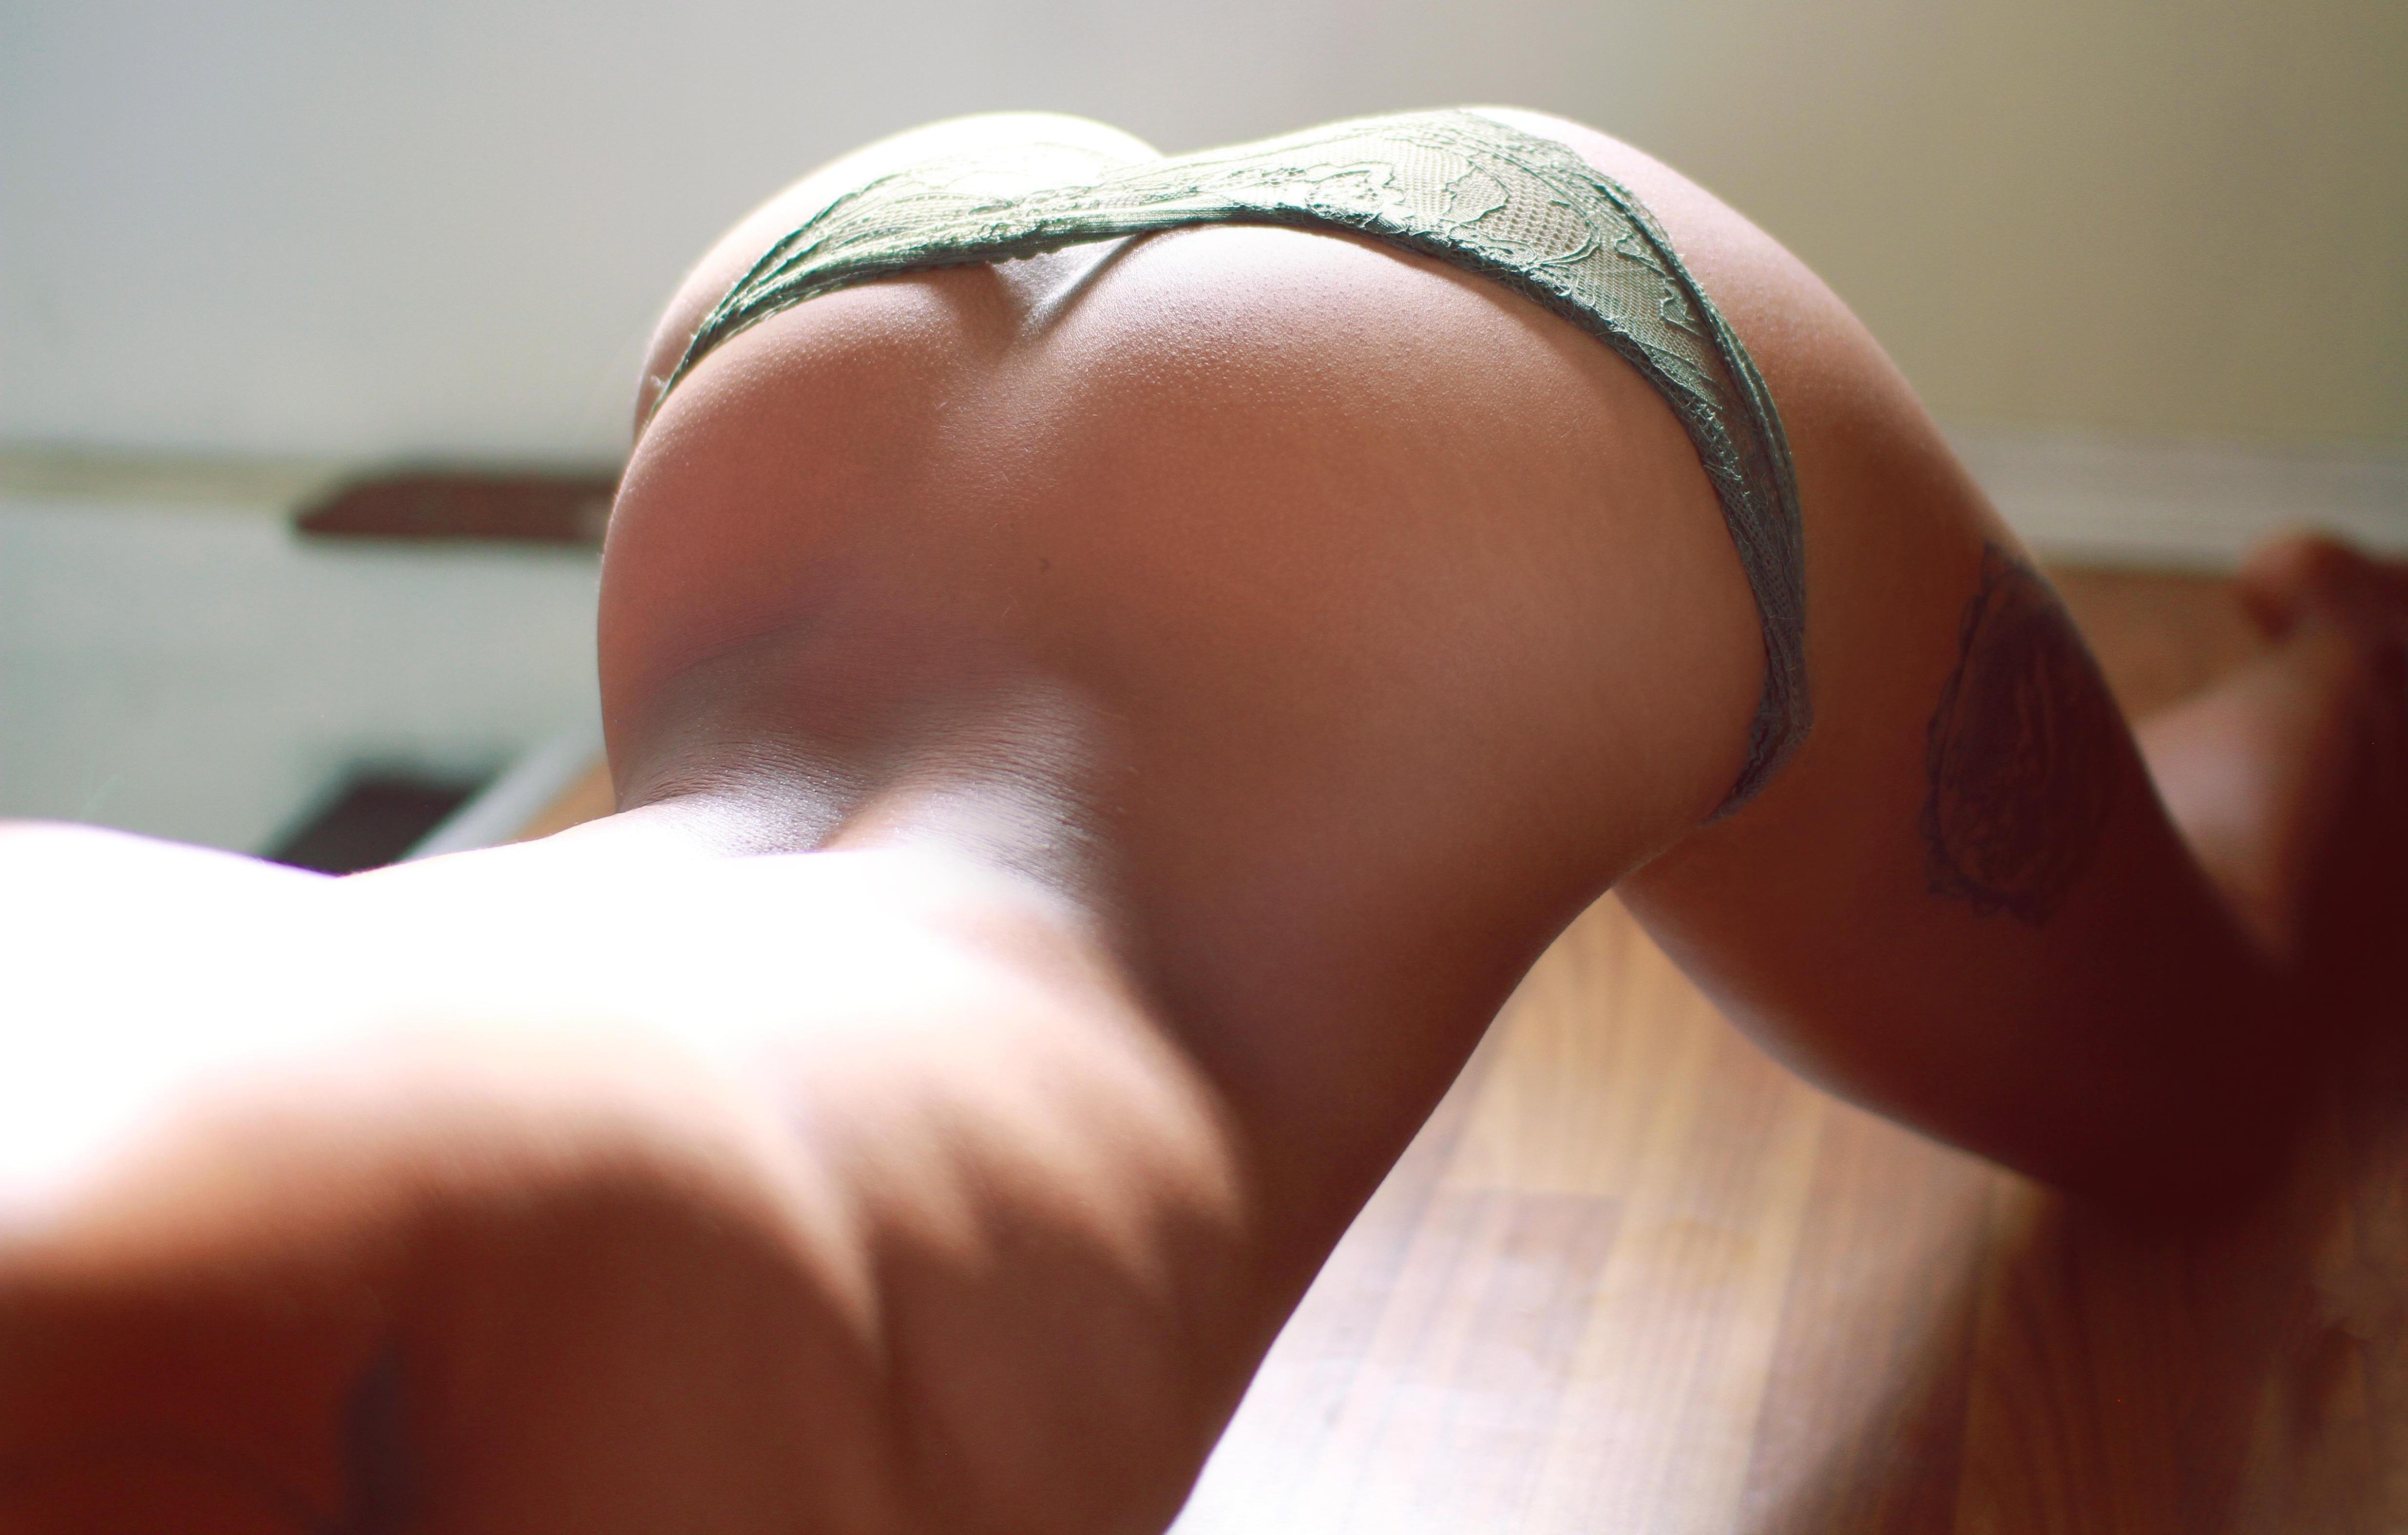 Фото Сексуальное спортивное женское тело, зеленые трусики на попе, тату на бедре, девушка изгибается на полу. Green panties, sexy body, tattoo, legs, thighs, posing, sexy girl on the floor, doggy, back, скачать картинку бесплатно